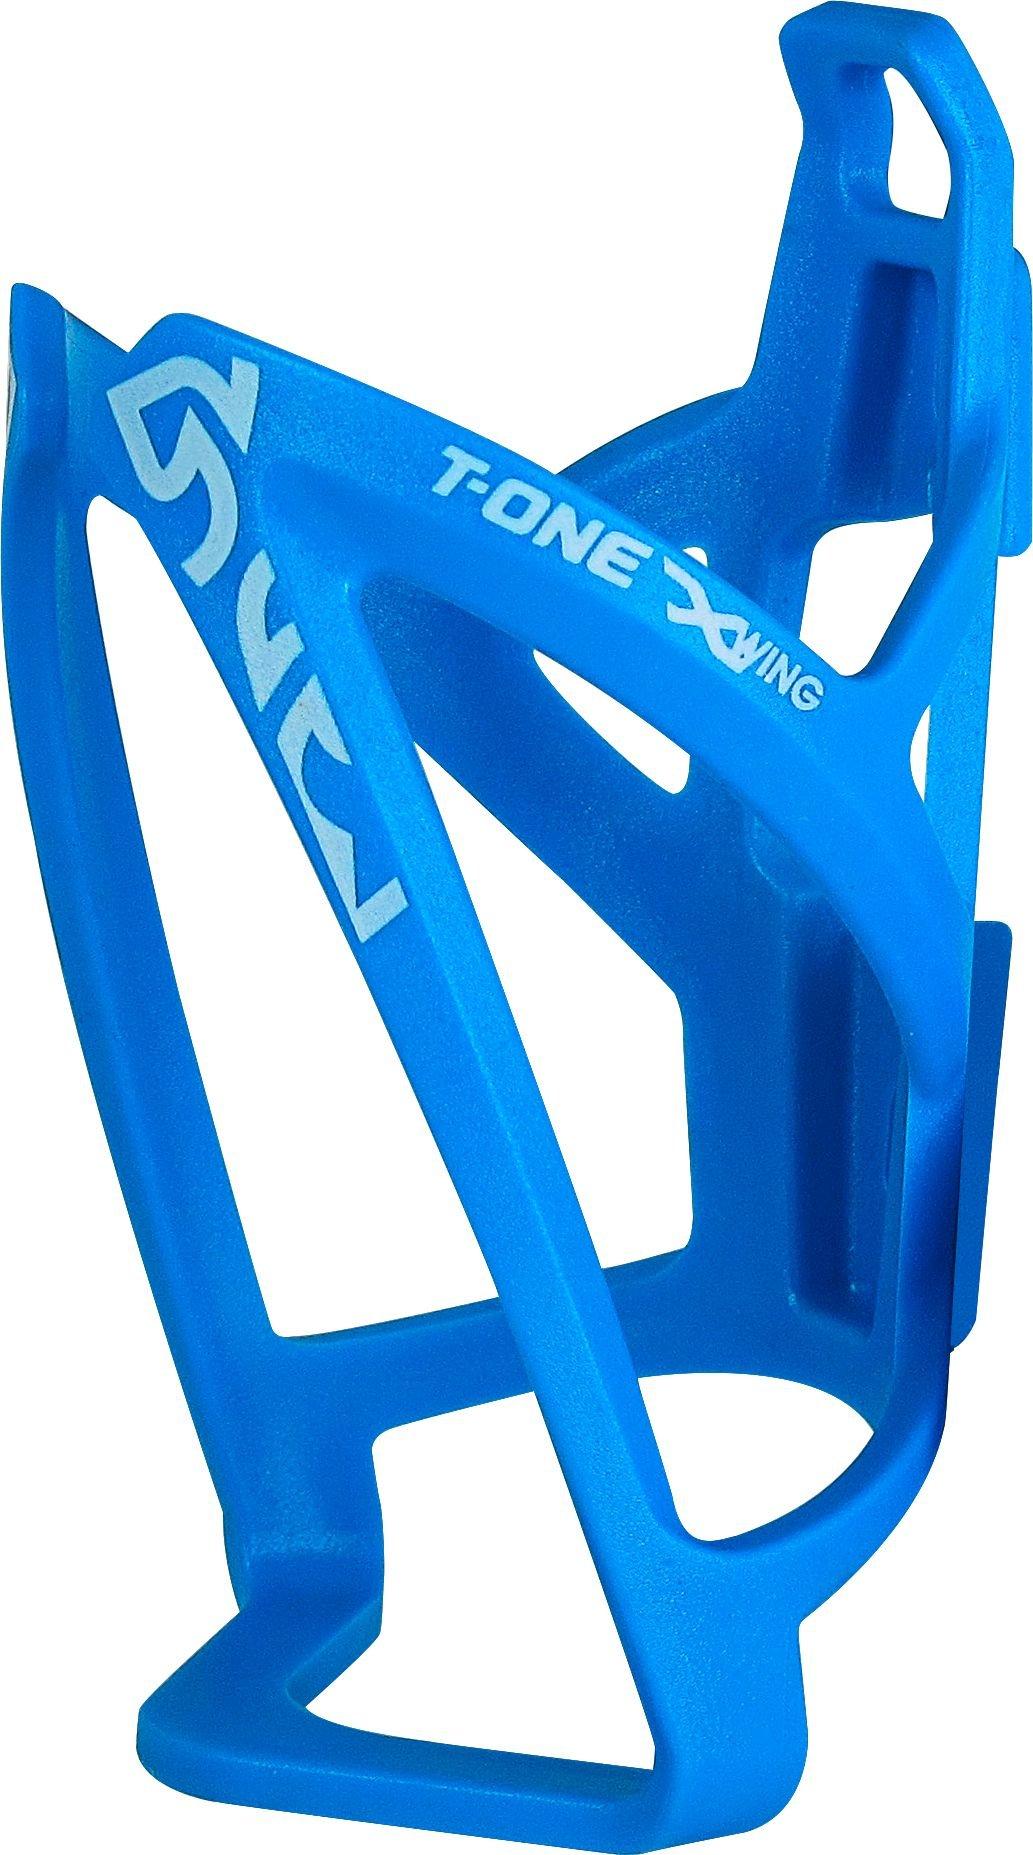 halter kunststoff/Trinkflaschen: T-One  Flaschenhalter X-Wing